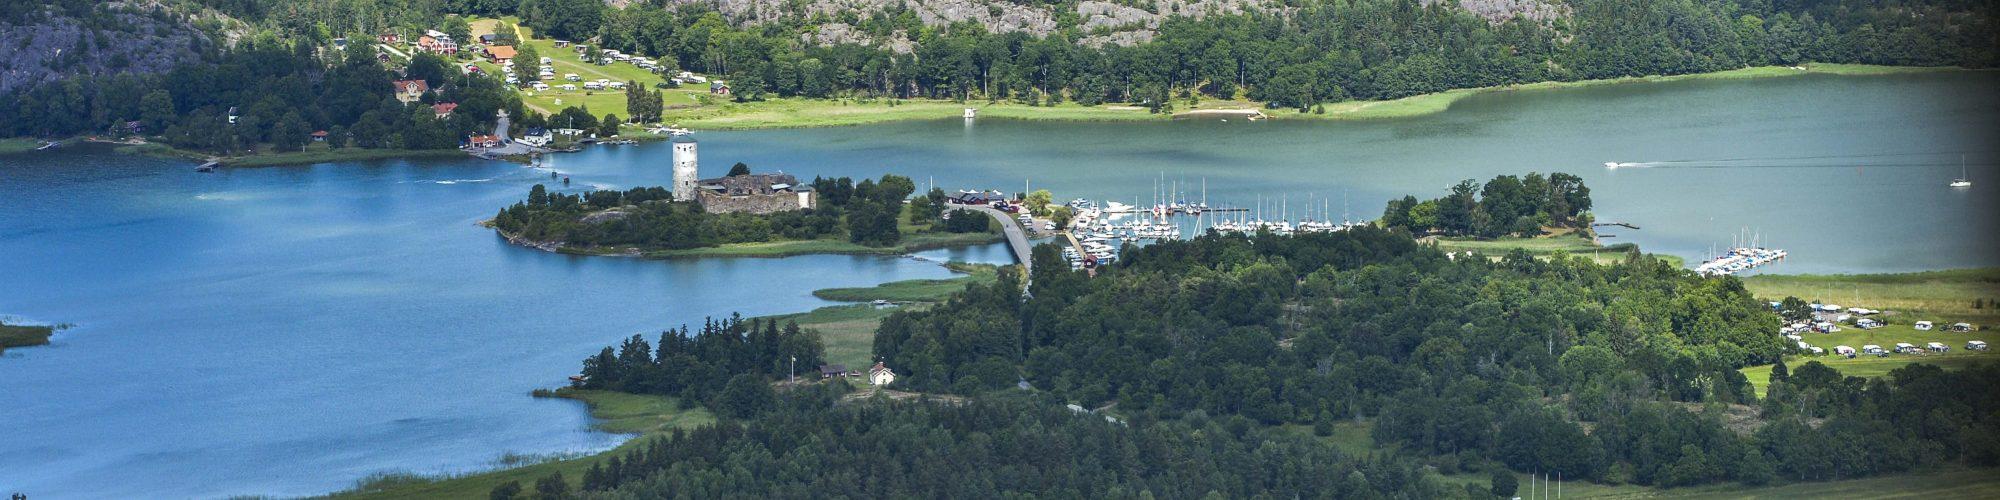 Flygbild ruin, hamn och krog